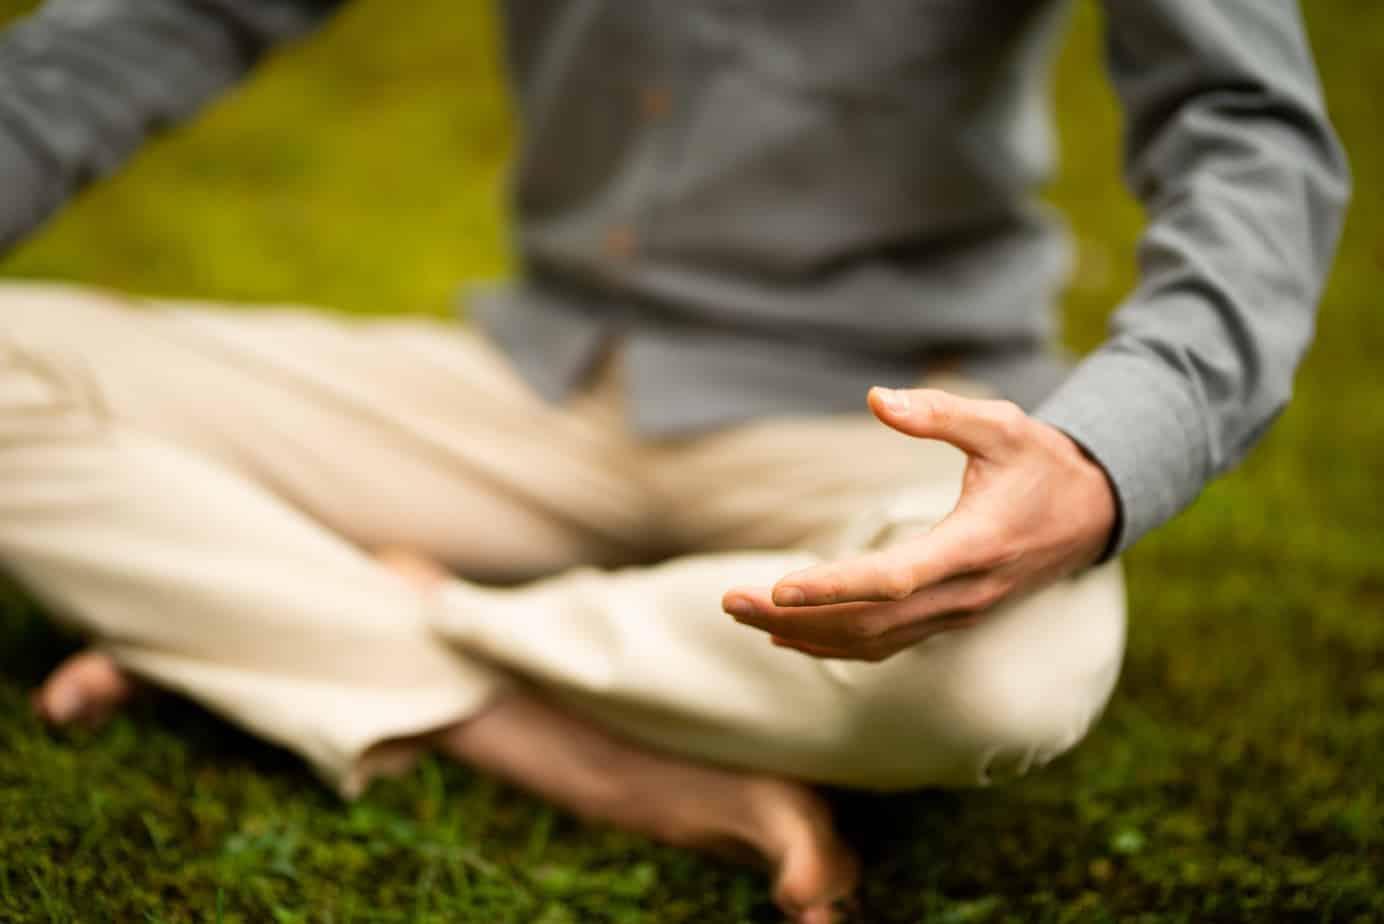 De trainer die de mindfulness online begeleid in meditatiehouding in het gras.